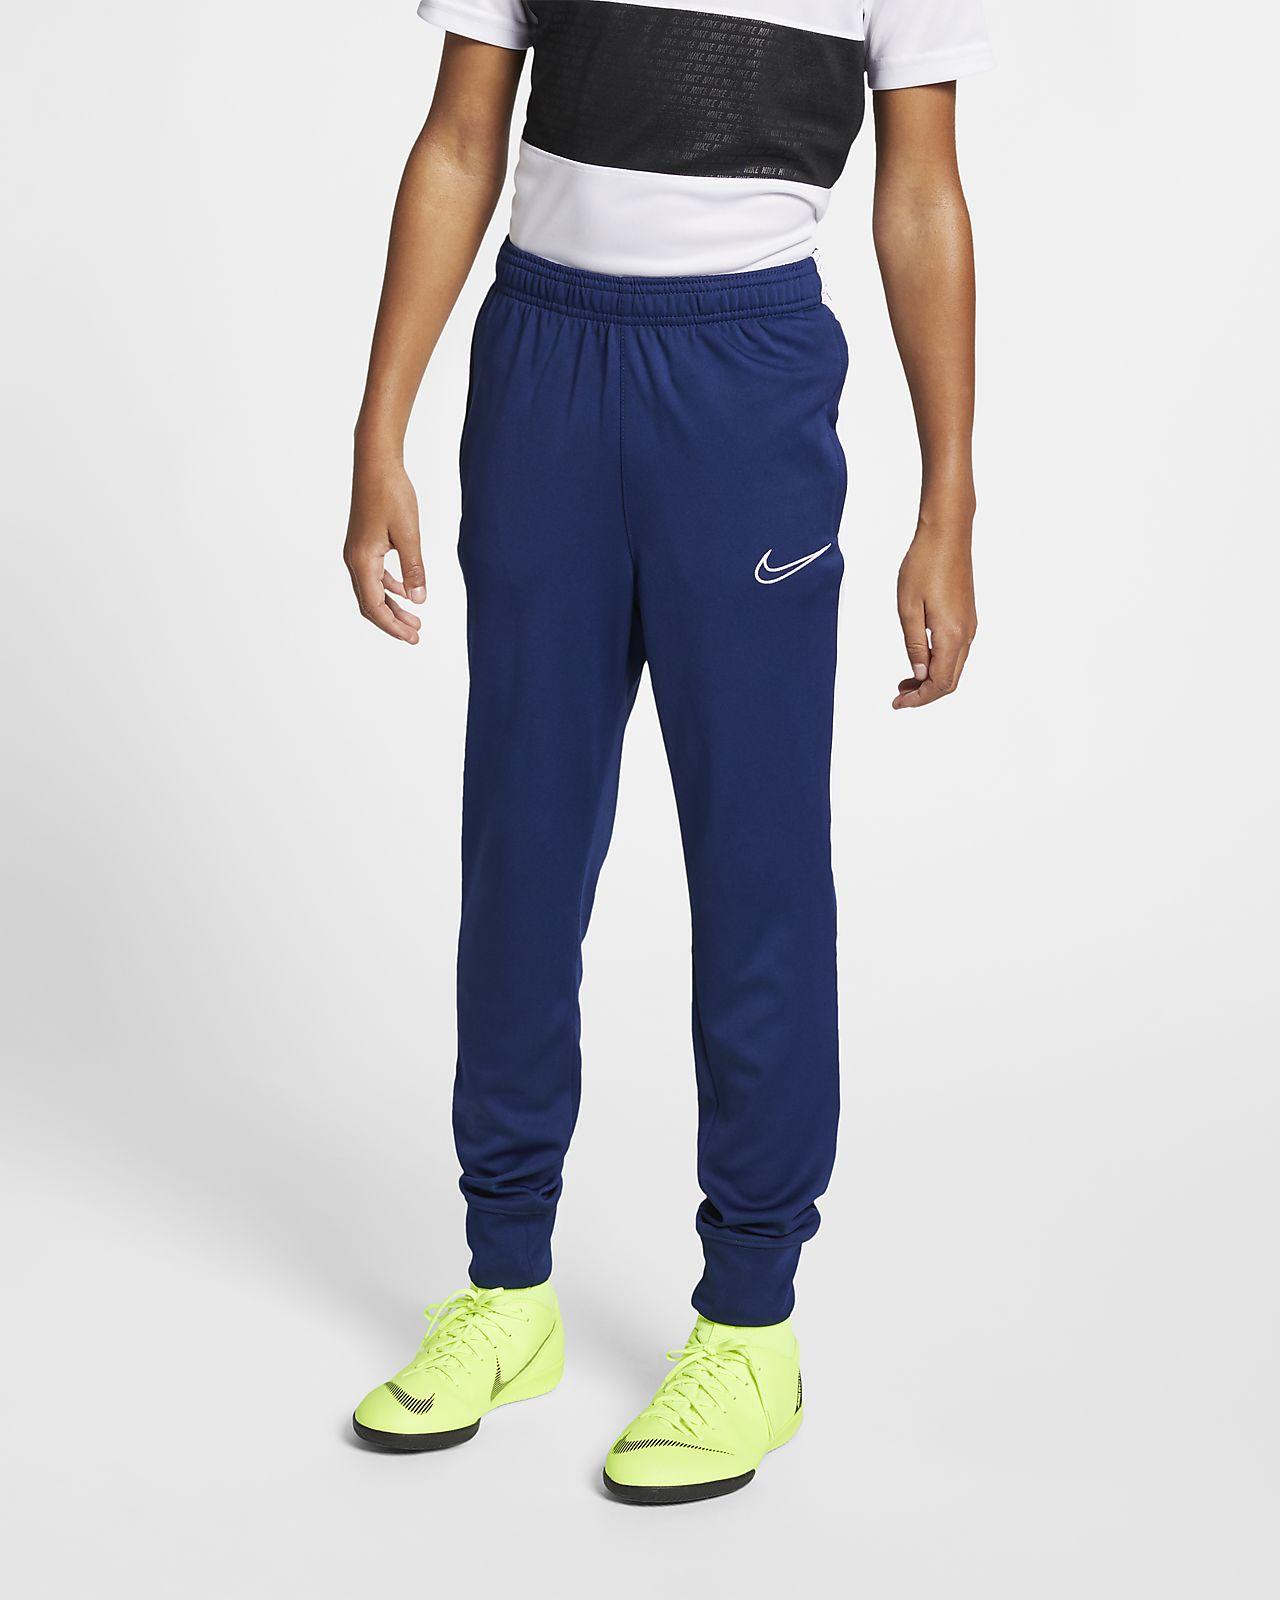 7a7df08038f97 Pantalones de fútbol para niños talla grande Nike Dri-FIT Academy ...